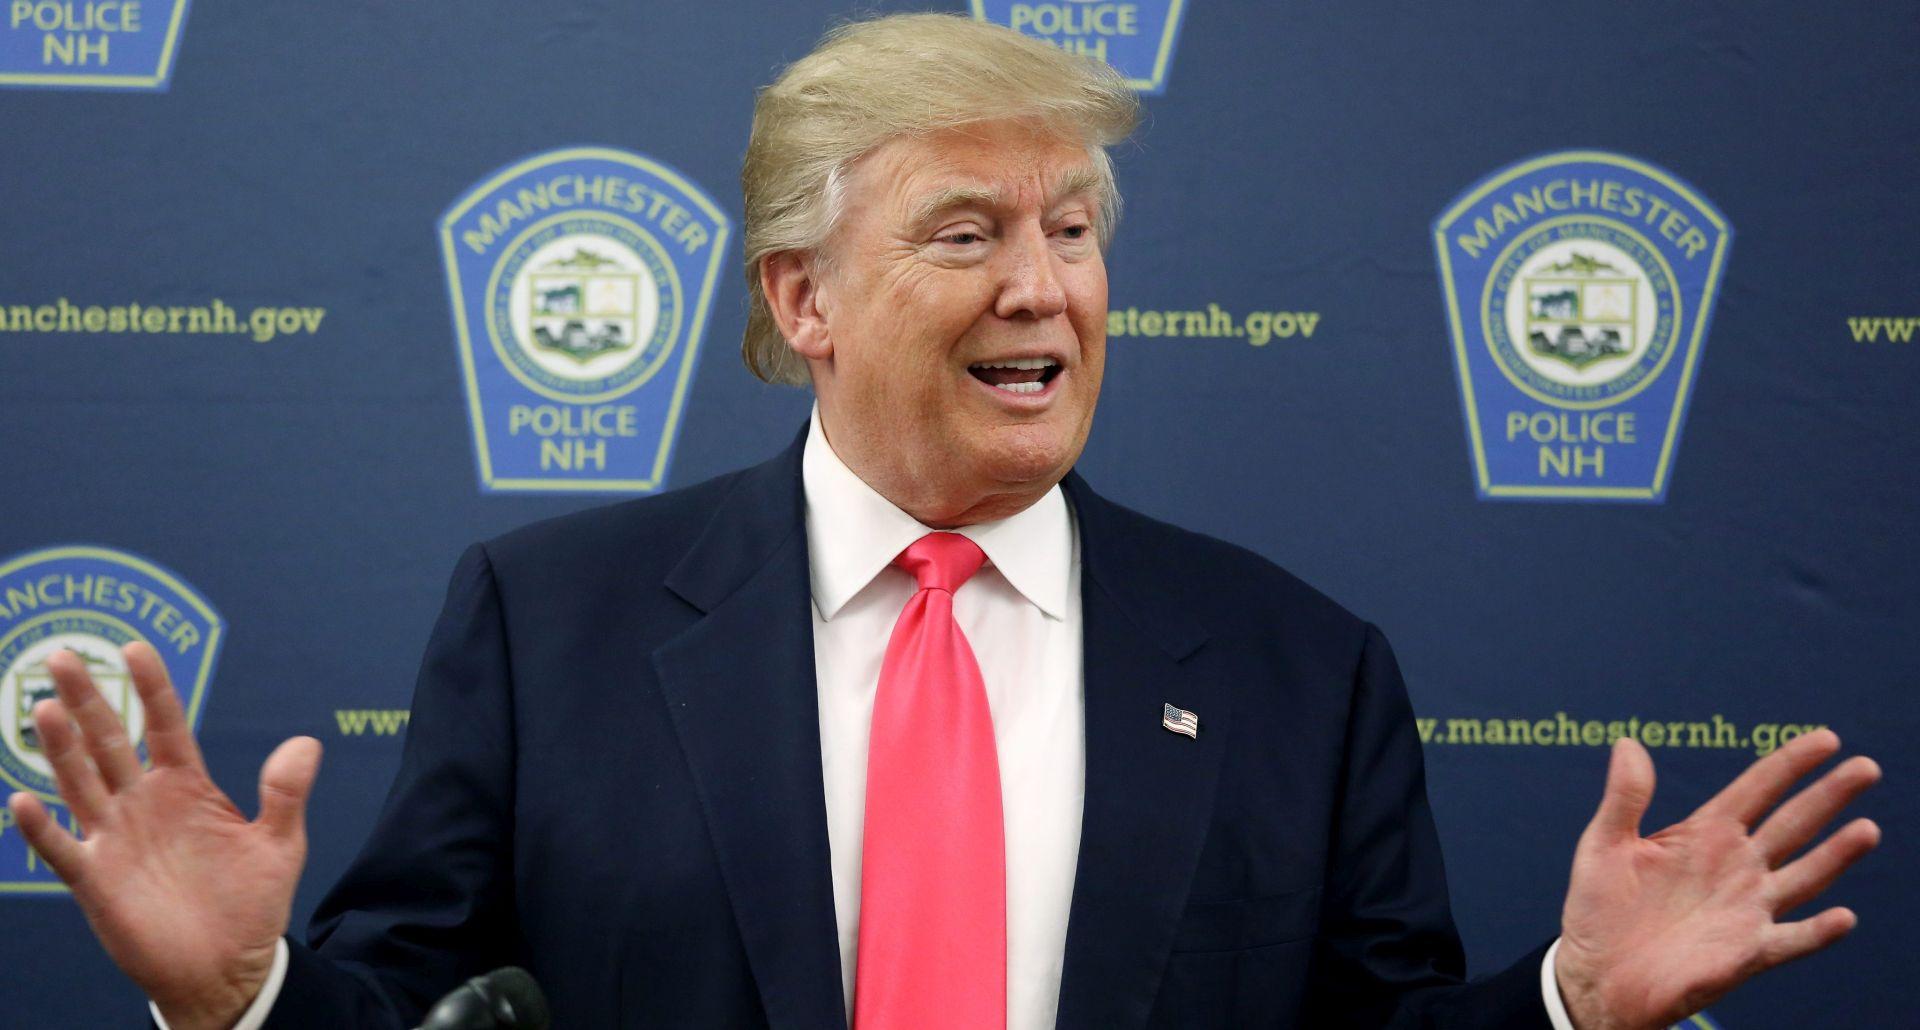 Trump i Cruz žele vratiti simulaciju utapanja kao tehniku ispitivanja zatvorenika